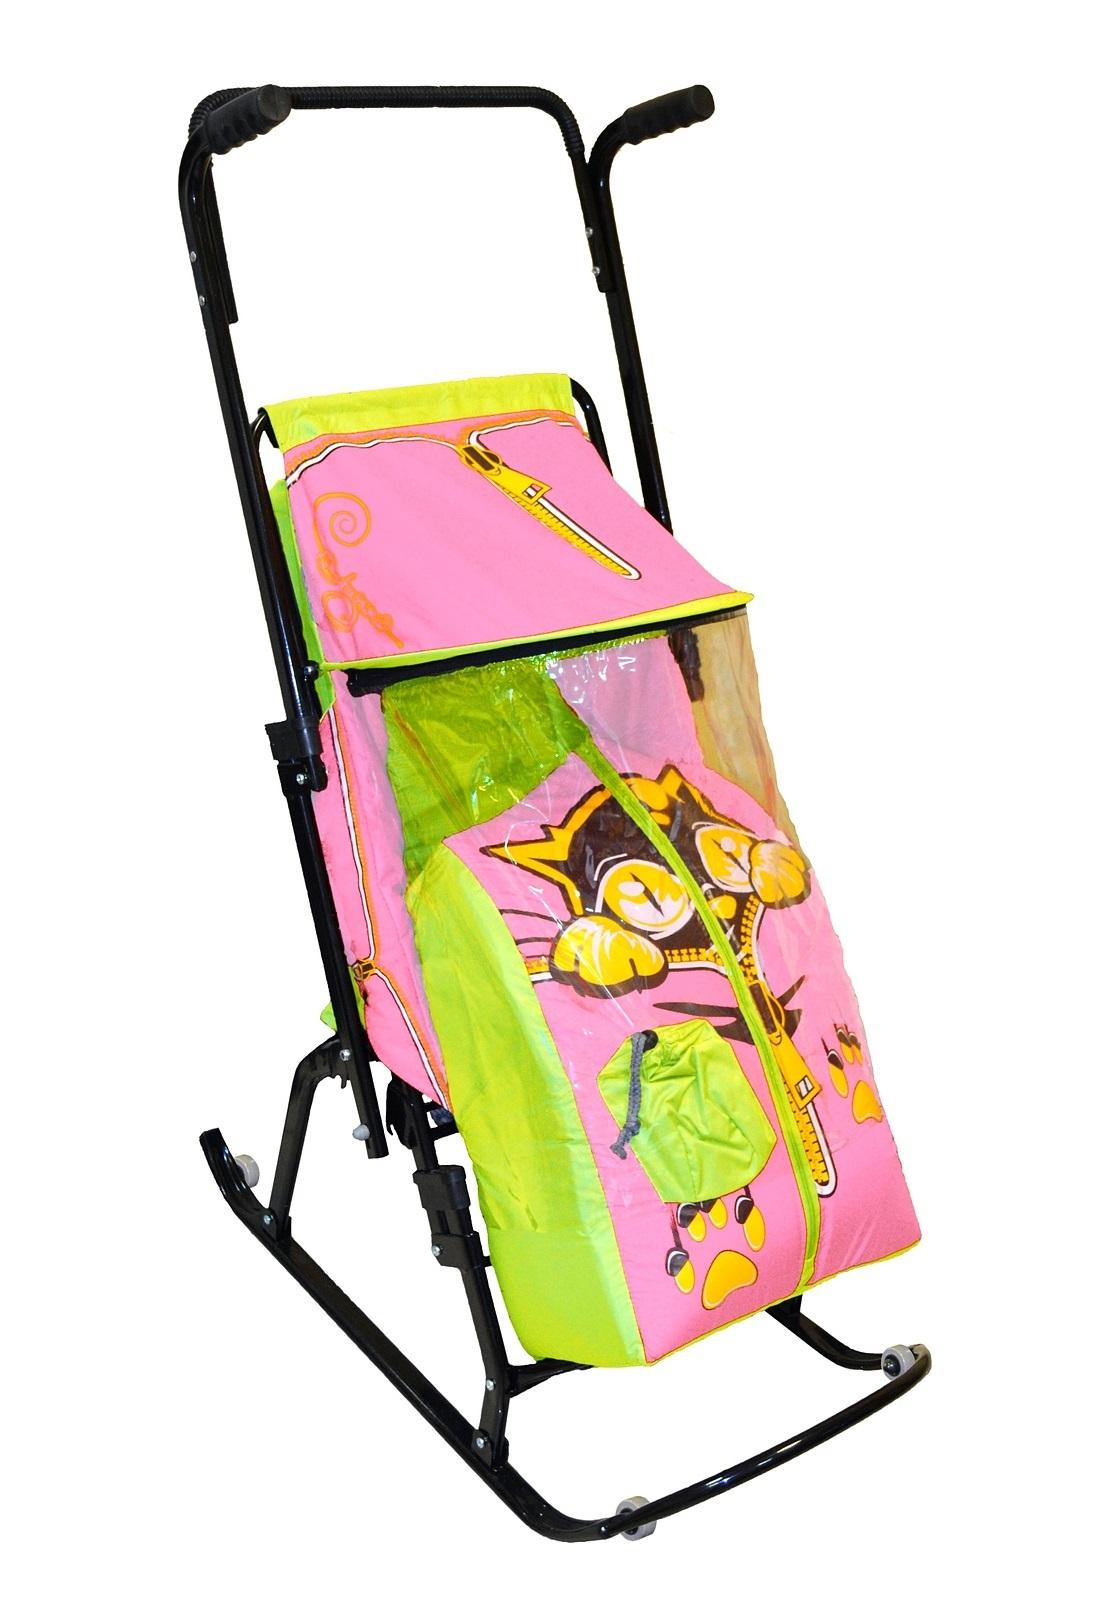 Санки-коляска Снегурочка 4-Р Котенок с 4 колесиками, салатовый-розовыйСанки и сани-коляски<br>Санки-коляска Снегурочка 4-Р Котенок с 4 колесиками, салатовый-розовый<br>